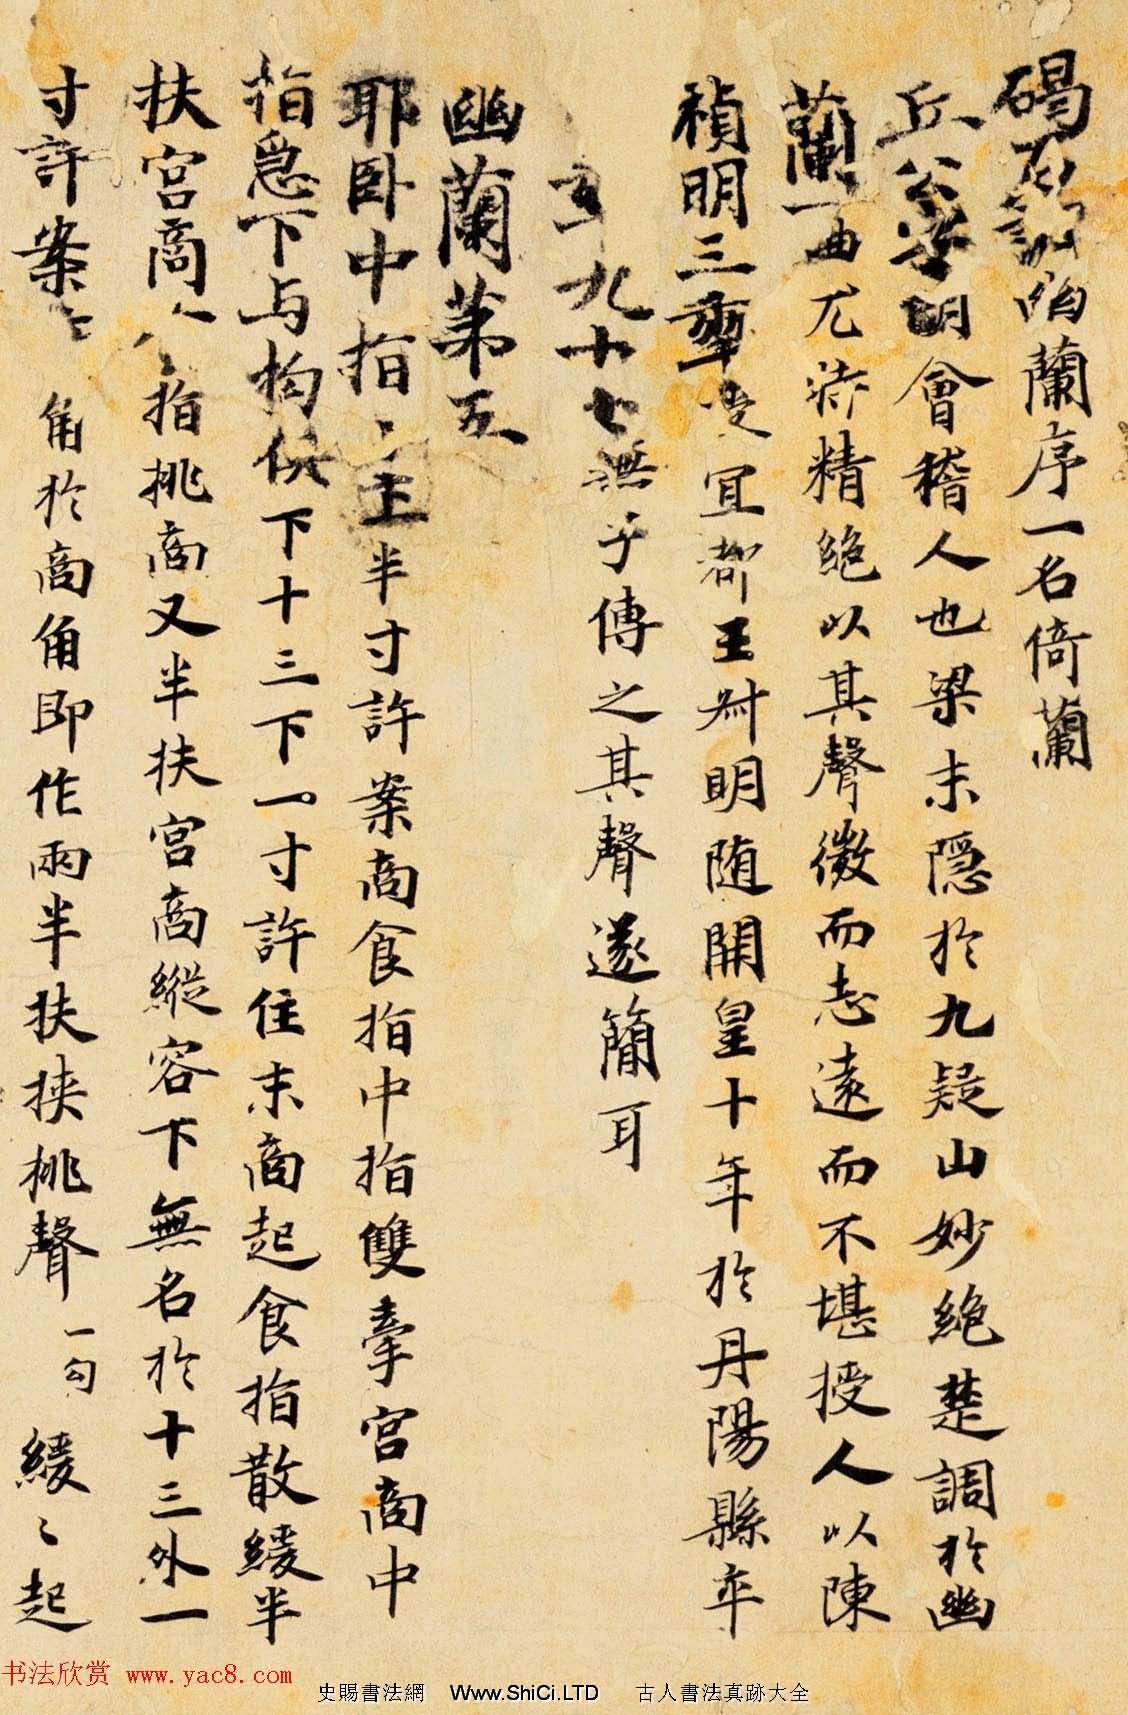 唐代楷書書法墨跡字帖《碣石調幽蘭第五》(共24張圖片)